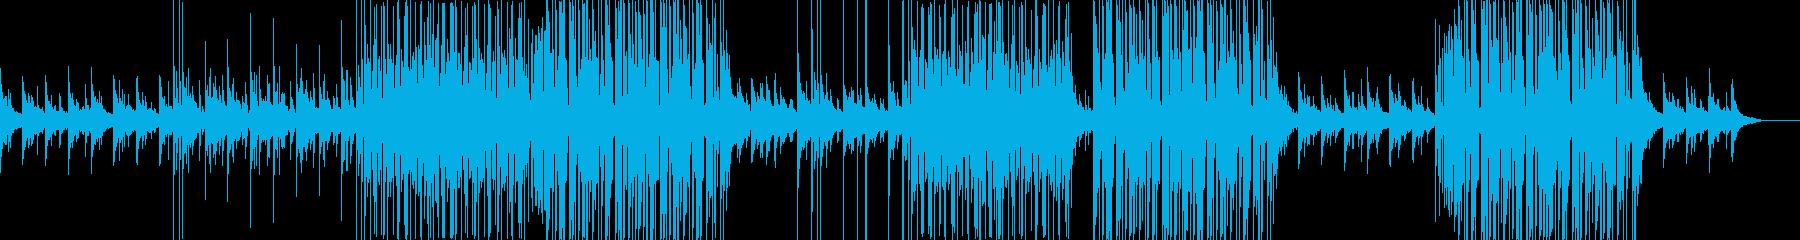 企業/バレンタイン/ホワイトデー/BGMの再生済みの波形